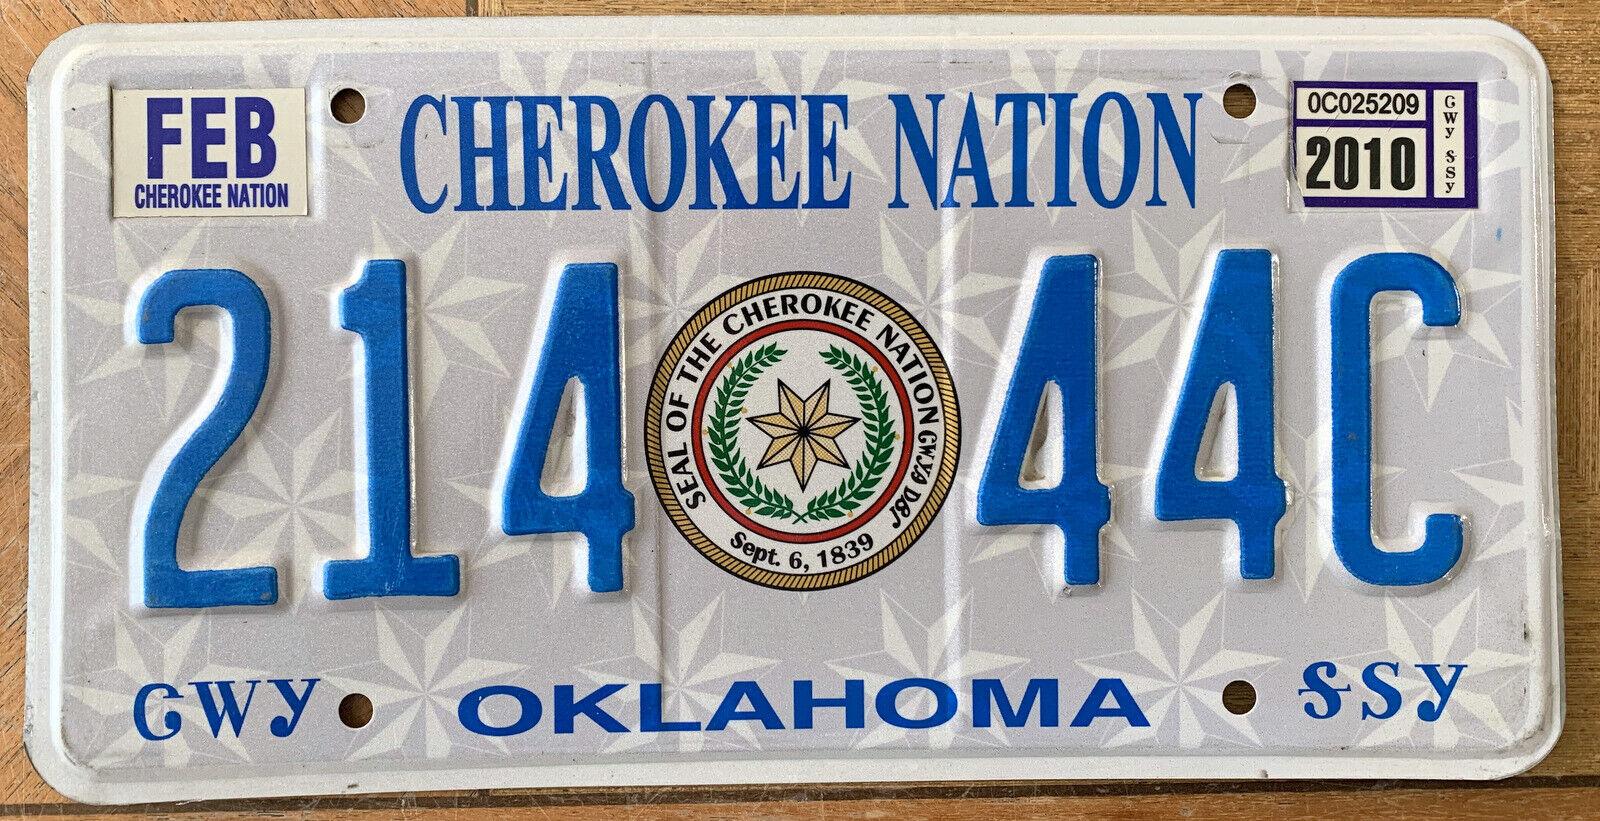 Nummernschild USA Kennzeichen OKLAHOMA Indianer CHEROKEE NATION 7981CO Gold Seal